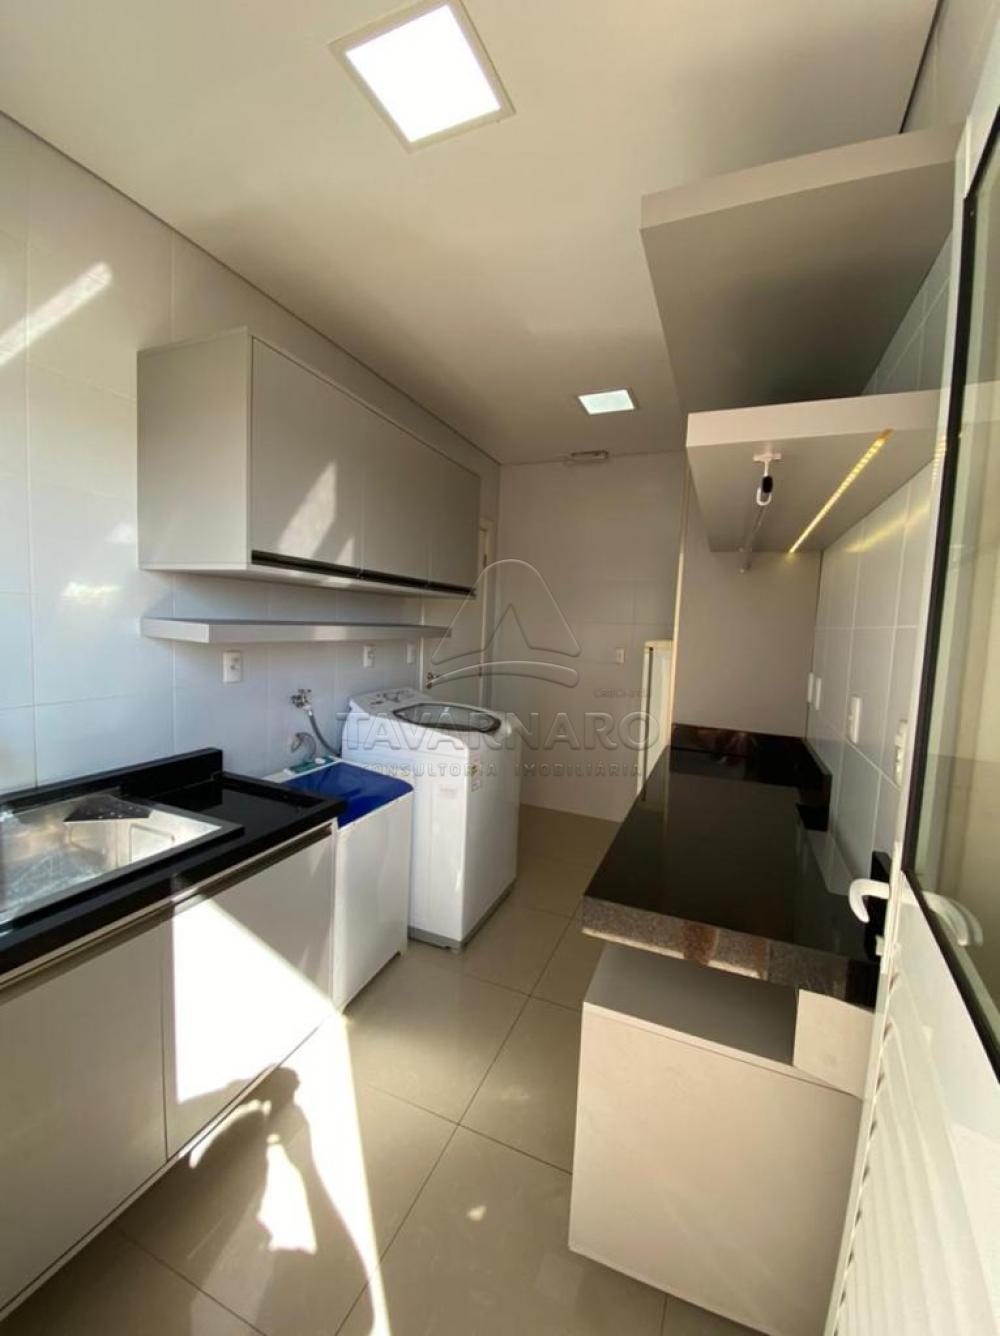 Comprar Casa / Condomínio em Ponta Grossa R$ 1.750.000,00 - Foto 6